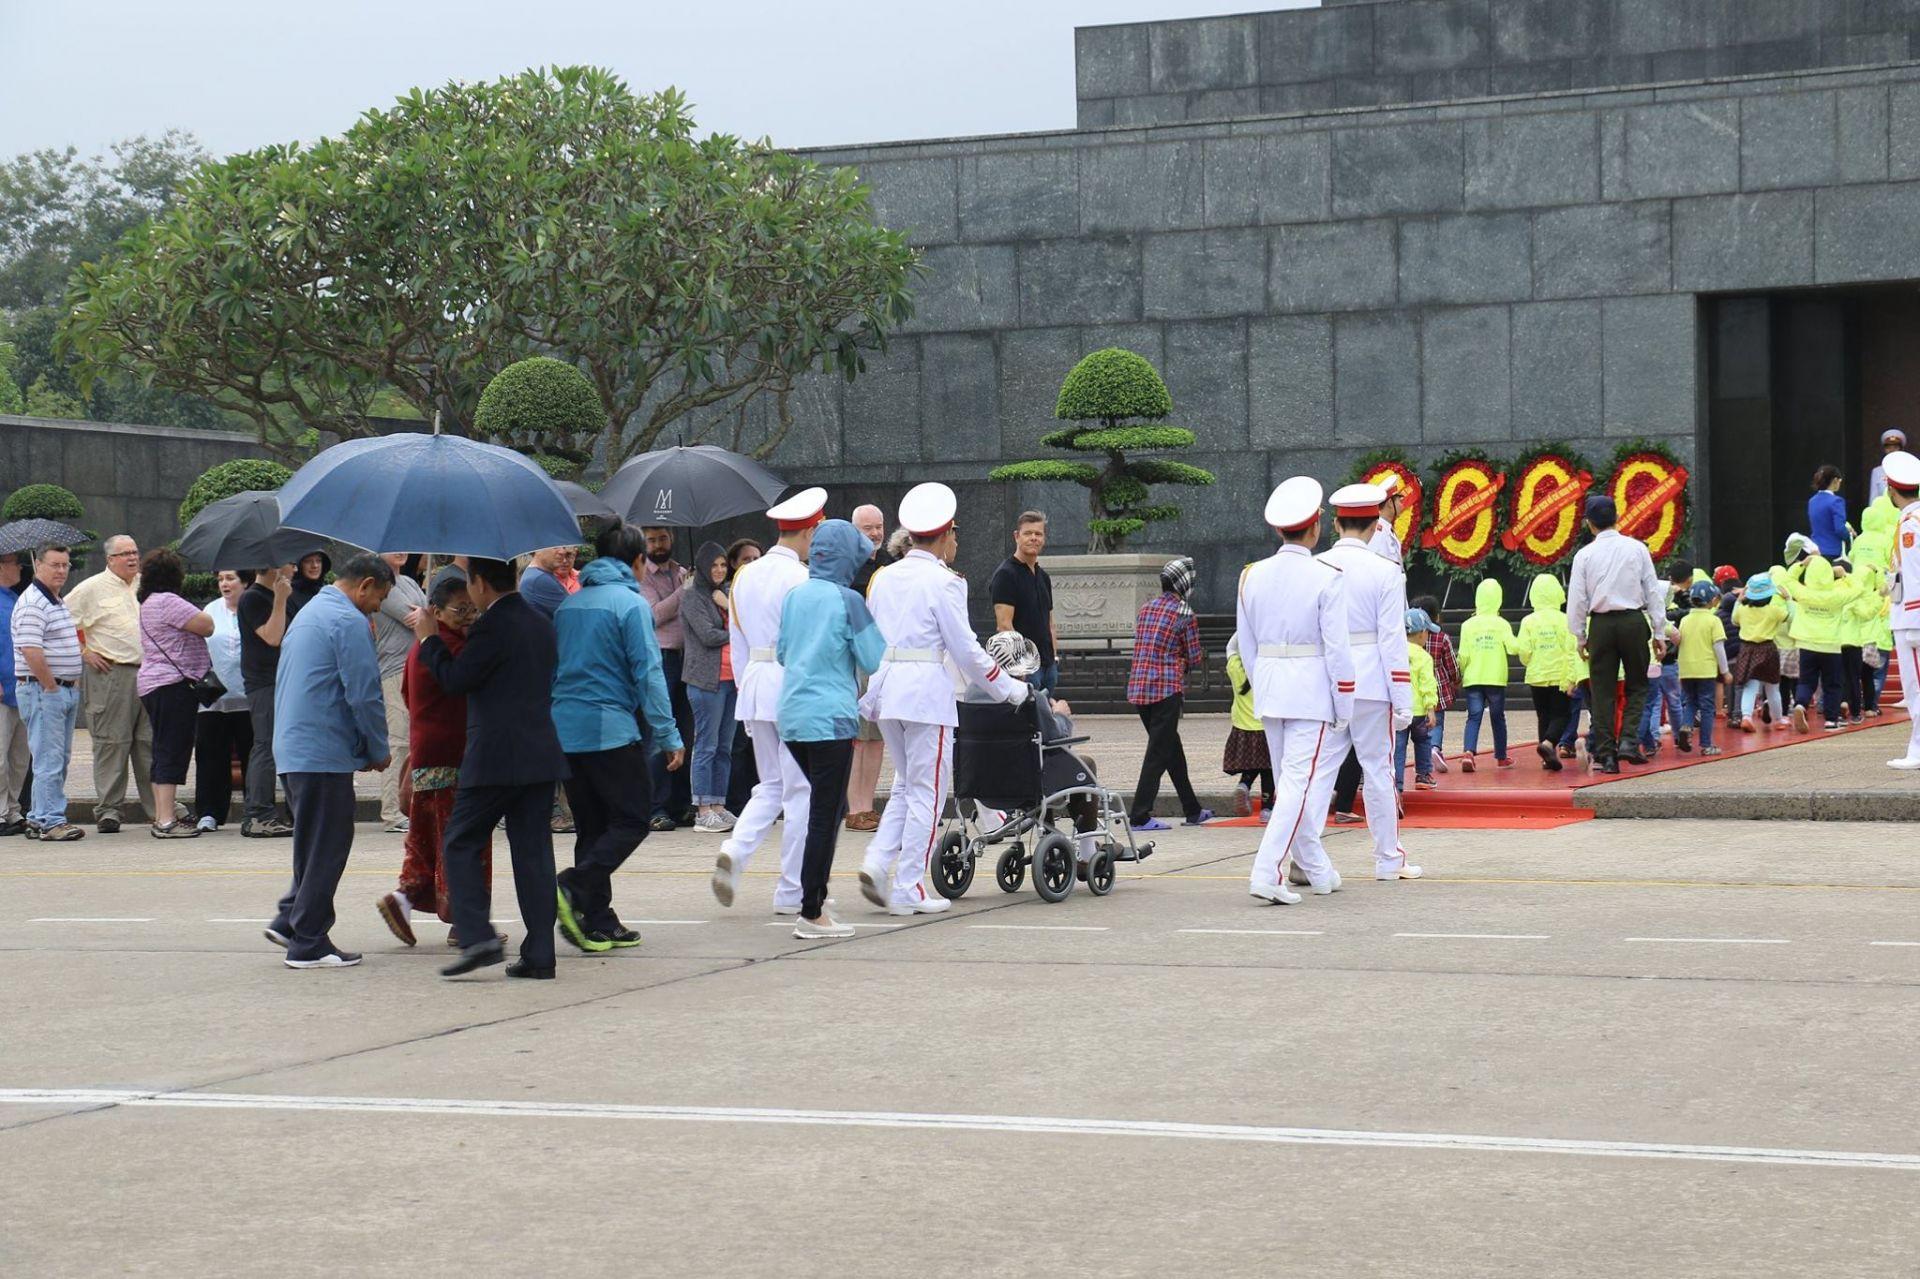 Vòng hoa viếng Chủ tịch Hồ Chí Minh